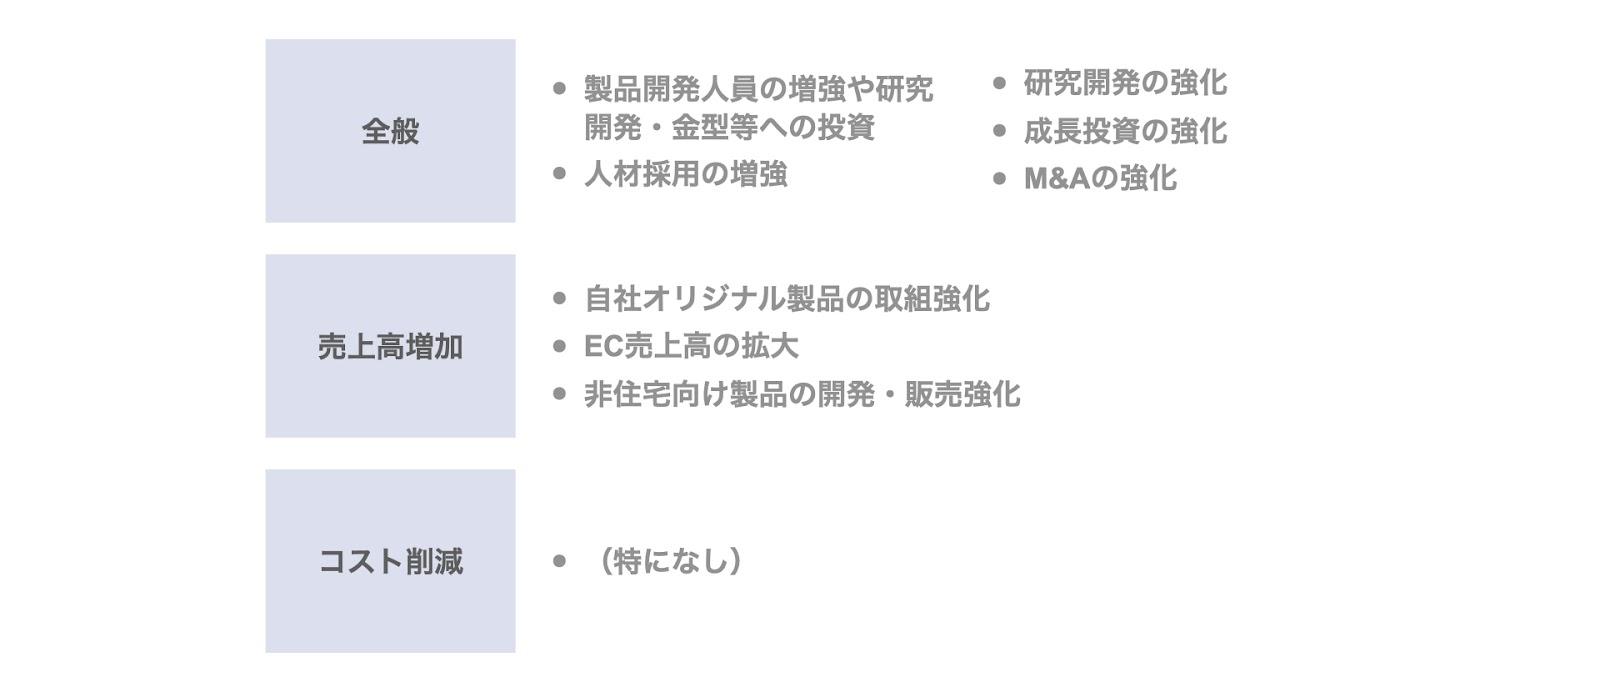 事例2. ミヤコのデットMBOの経営方針